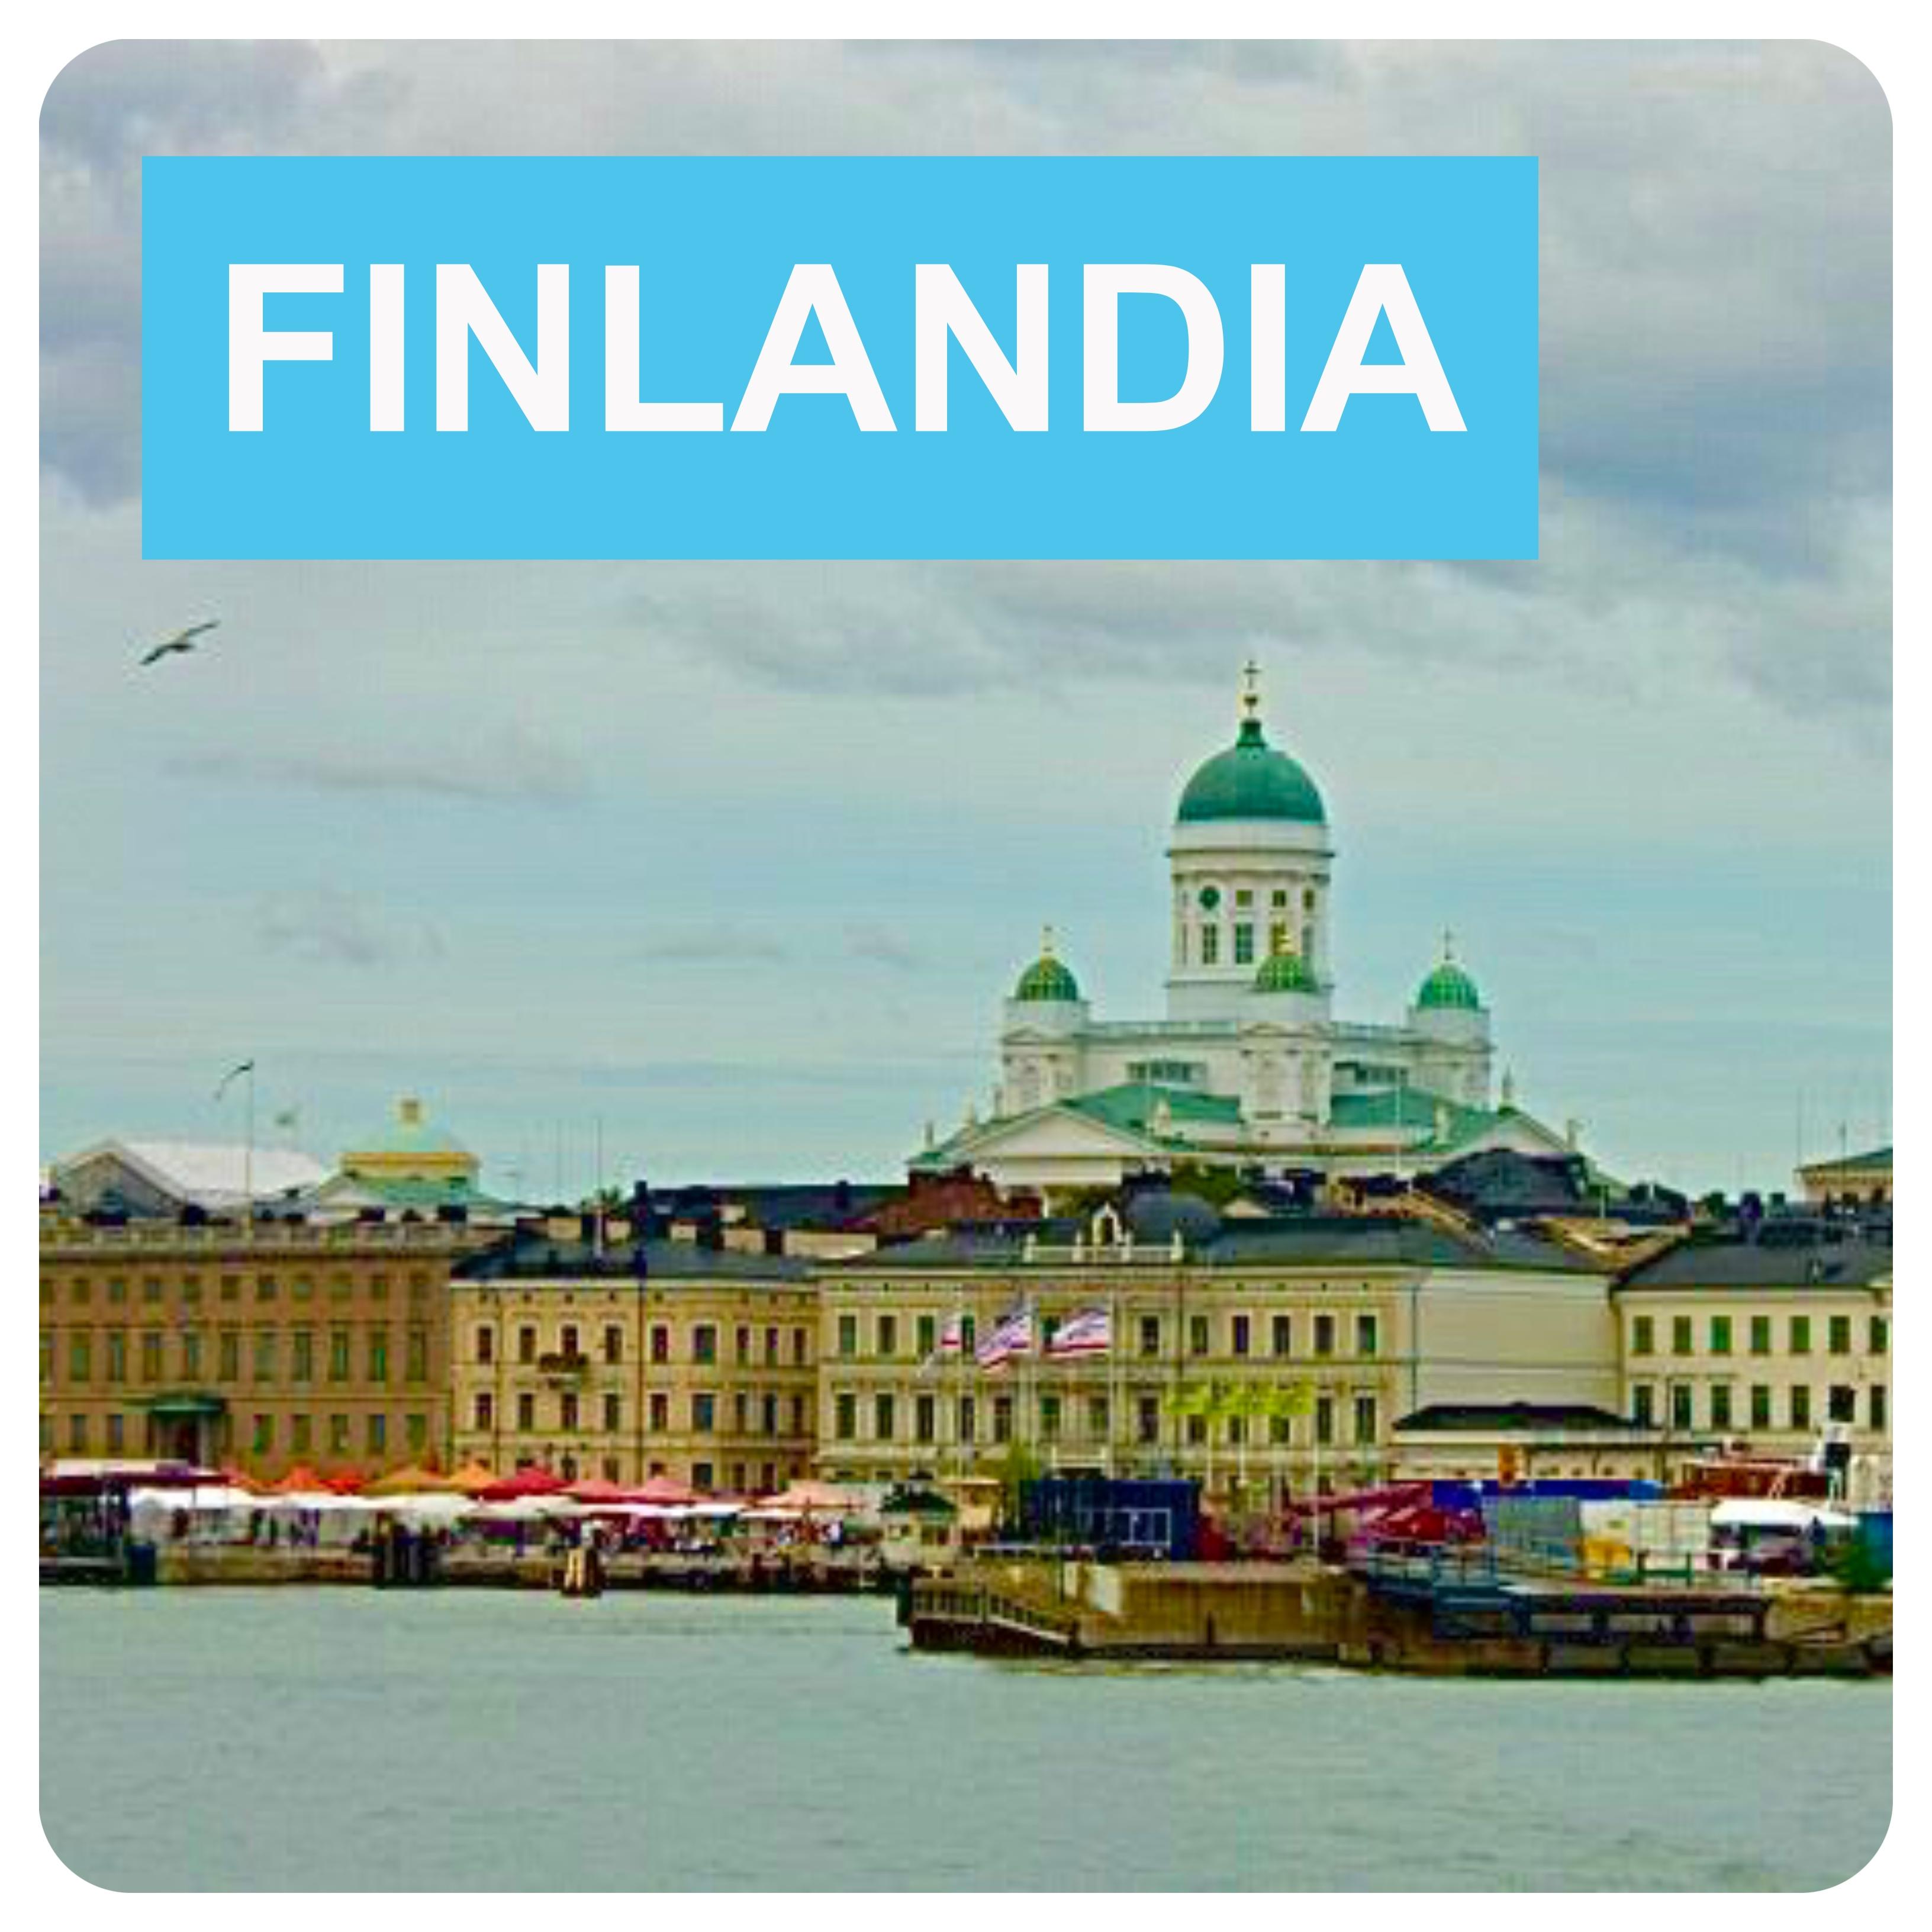 Noleggio auto finlandia senza carta di credito